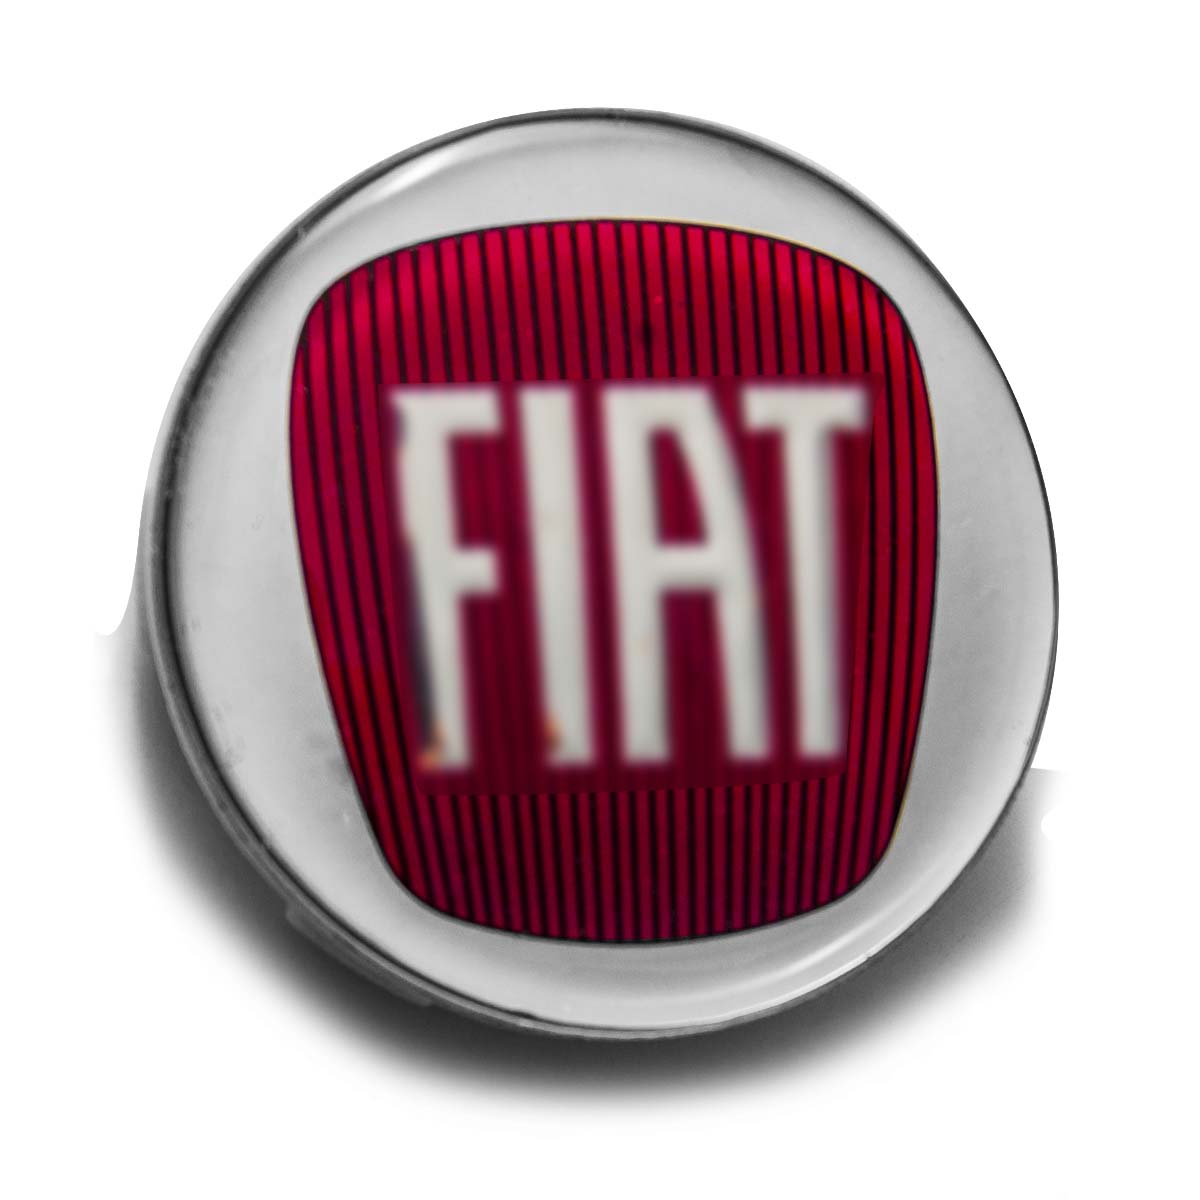 Calotinha Centro Roda Scorro 55mm Com Emblema FT